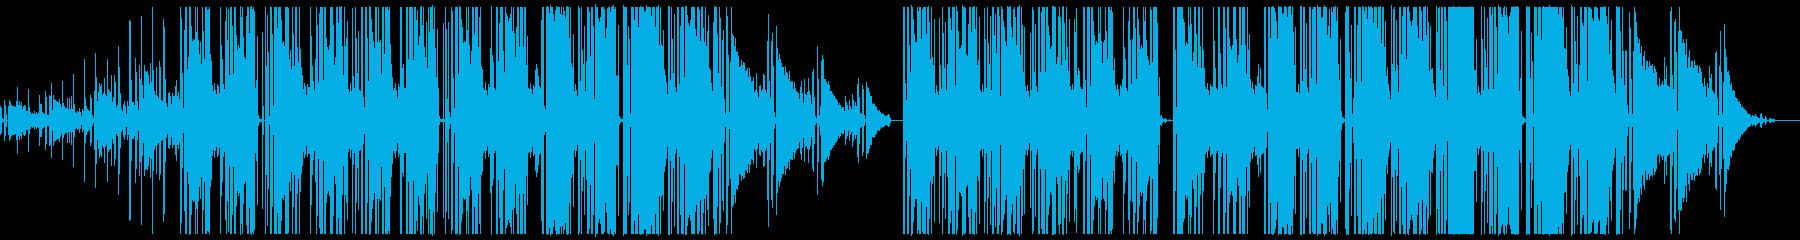 コーヒーが合うジャジーなピアノBGMの再生済みの波形